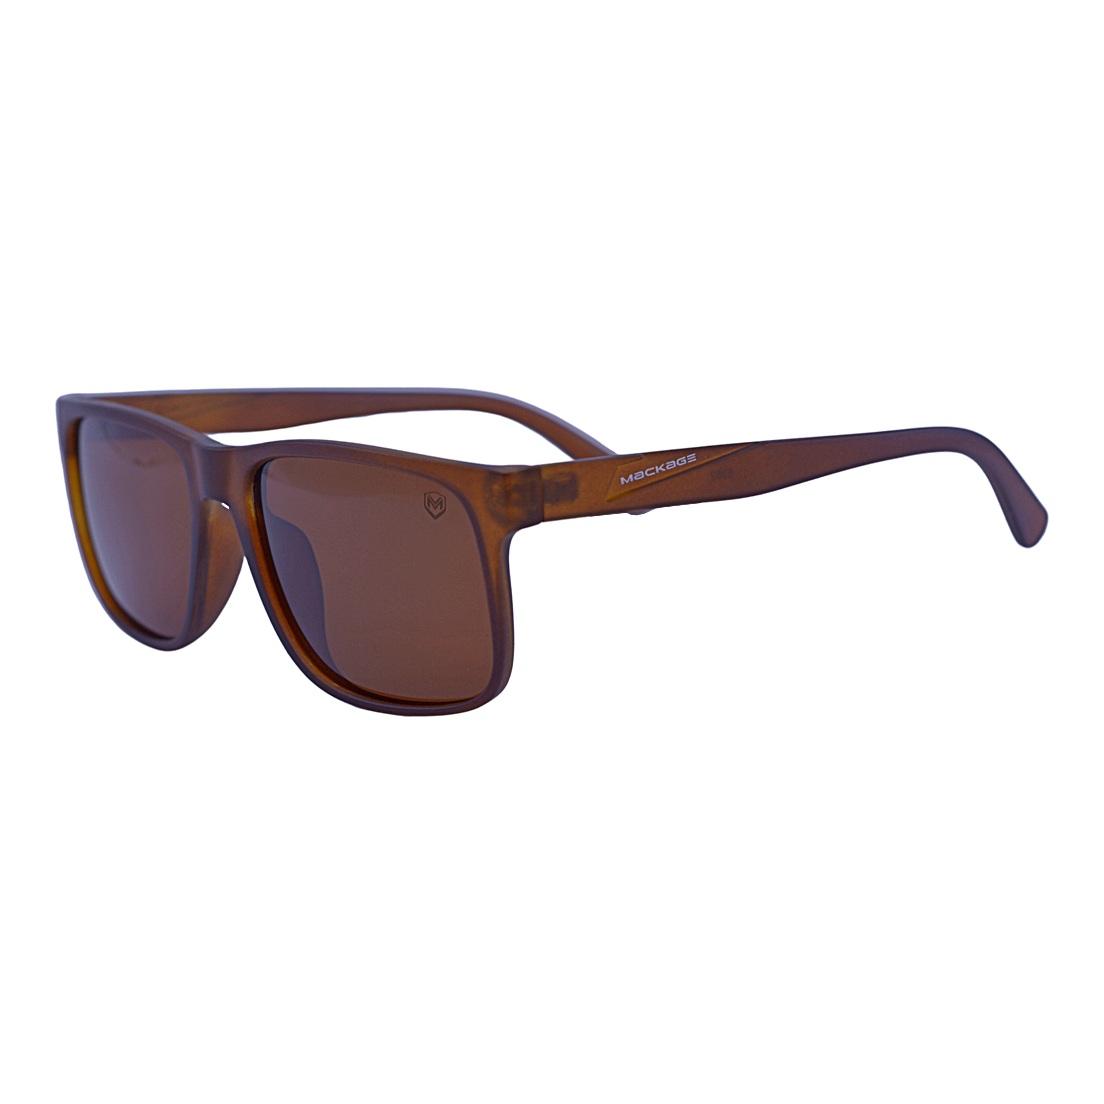 Óculos de Sol Mackage Masculino Acetato Esportivo Marrom - Polarizado